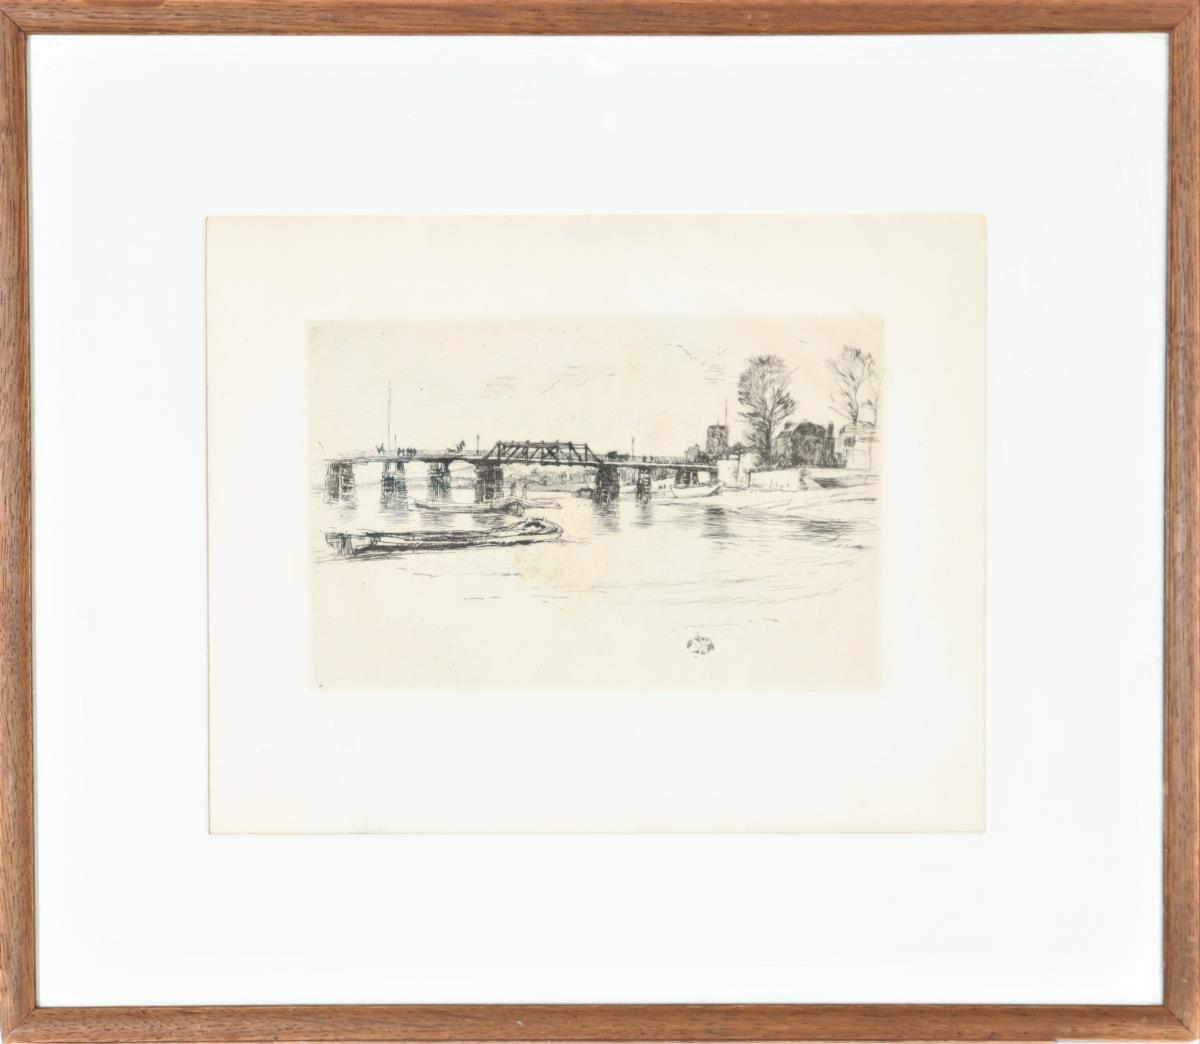 James Abbott McNeill Whistler (1834-1903) Etching